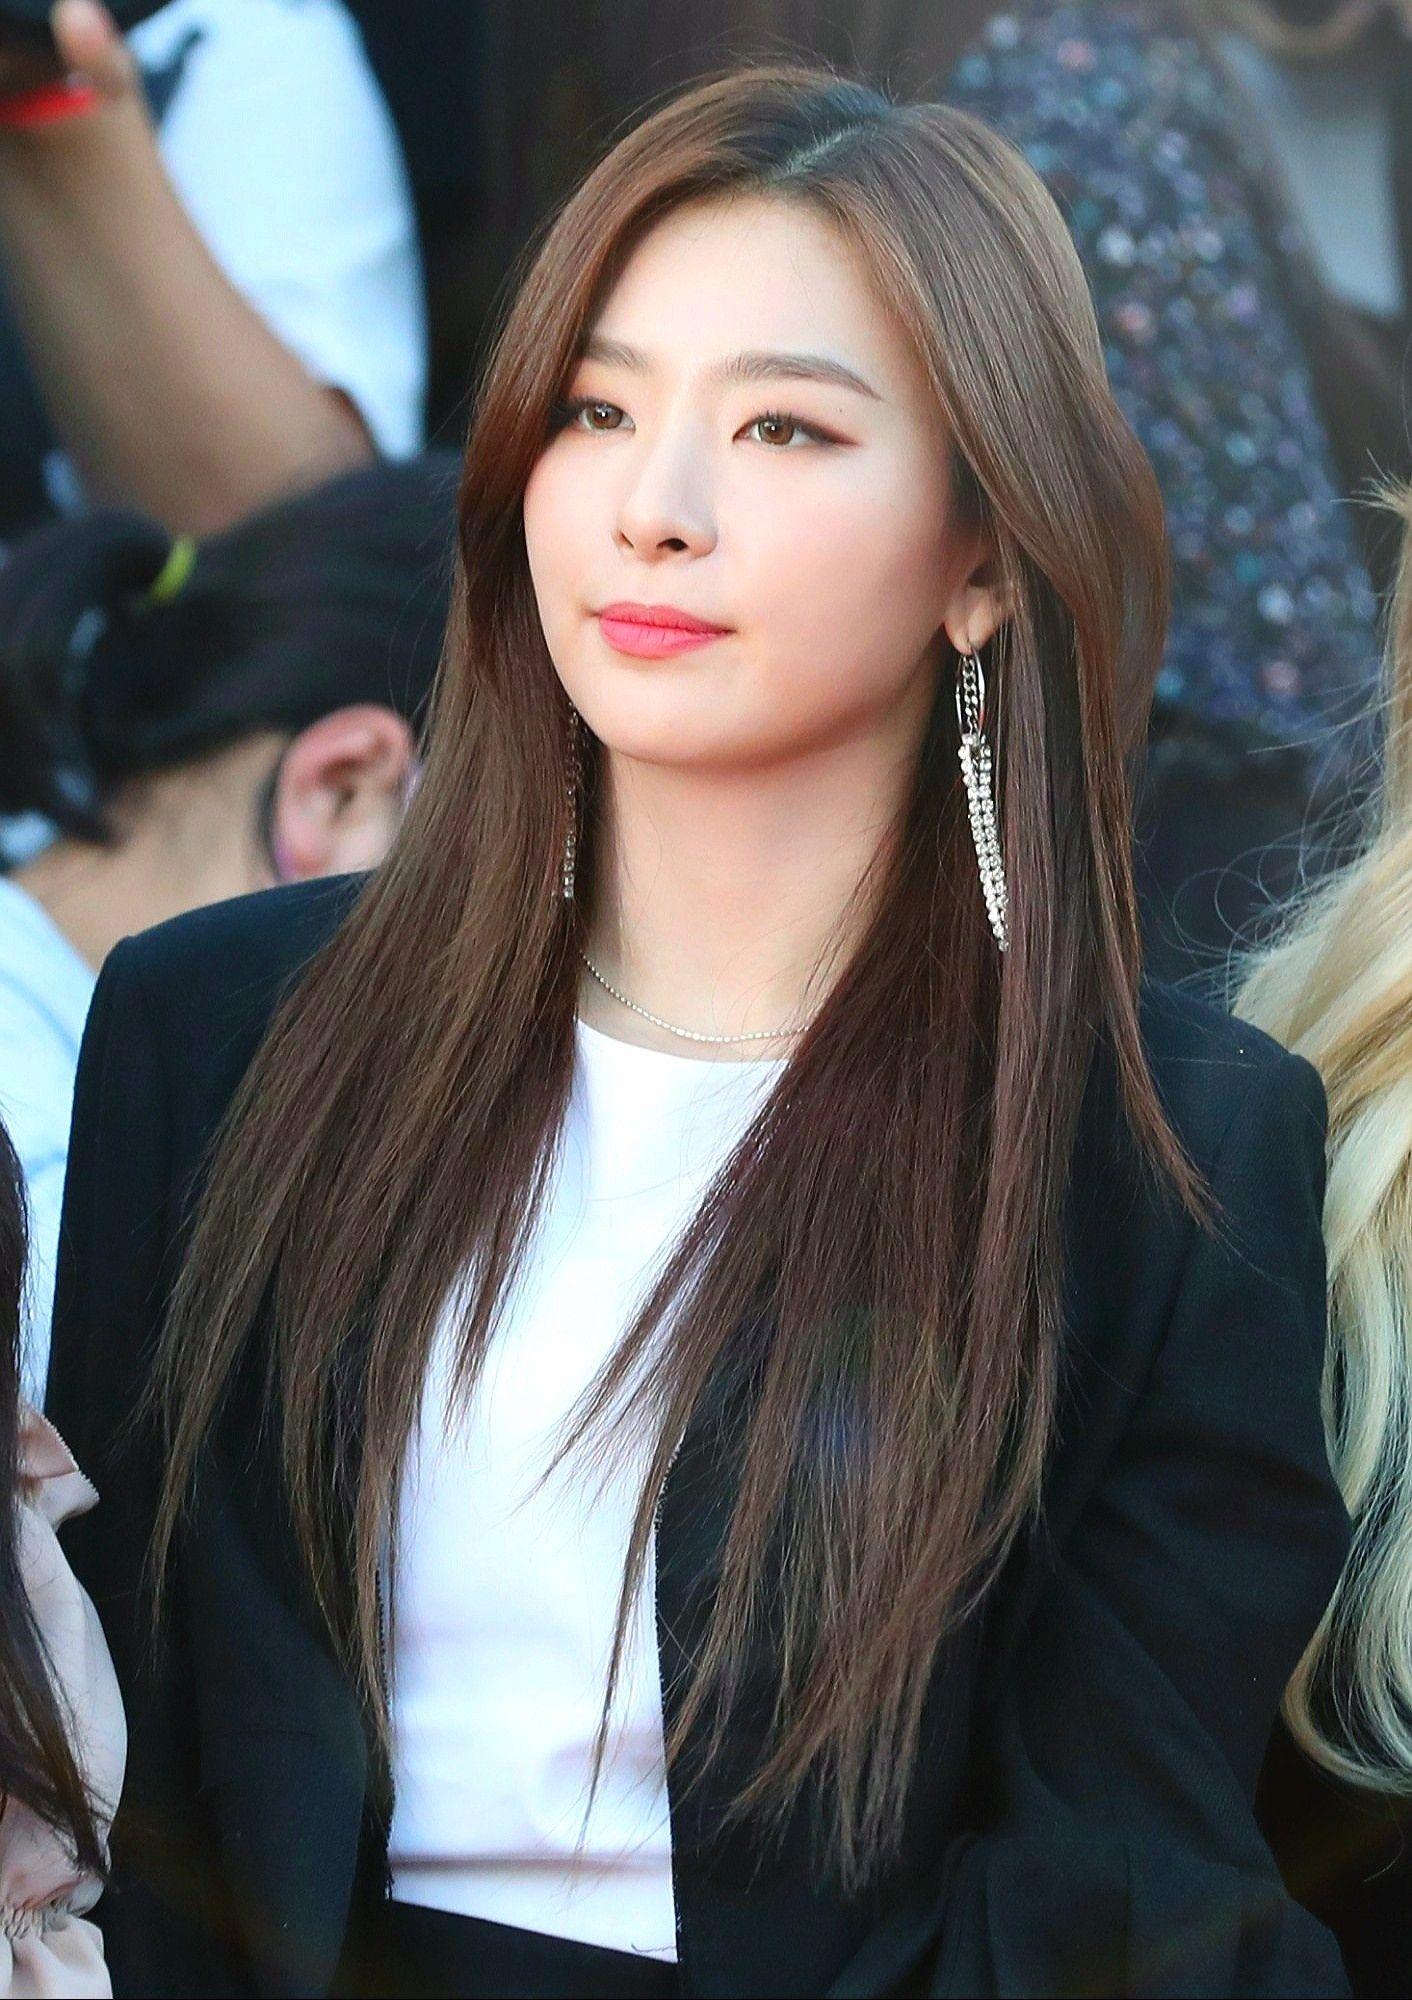 Red Velvet Seulgi Redvelvet Reveluv Seulgi Kpop Red Velvet Red Velvet Seulgi Wendy Red Velvet